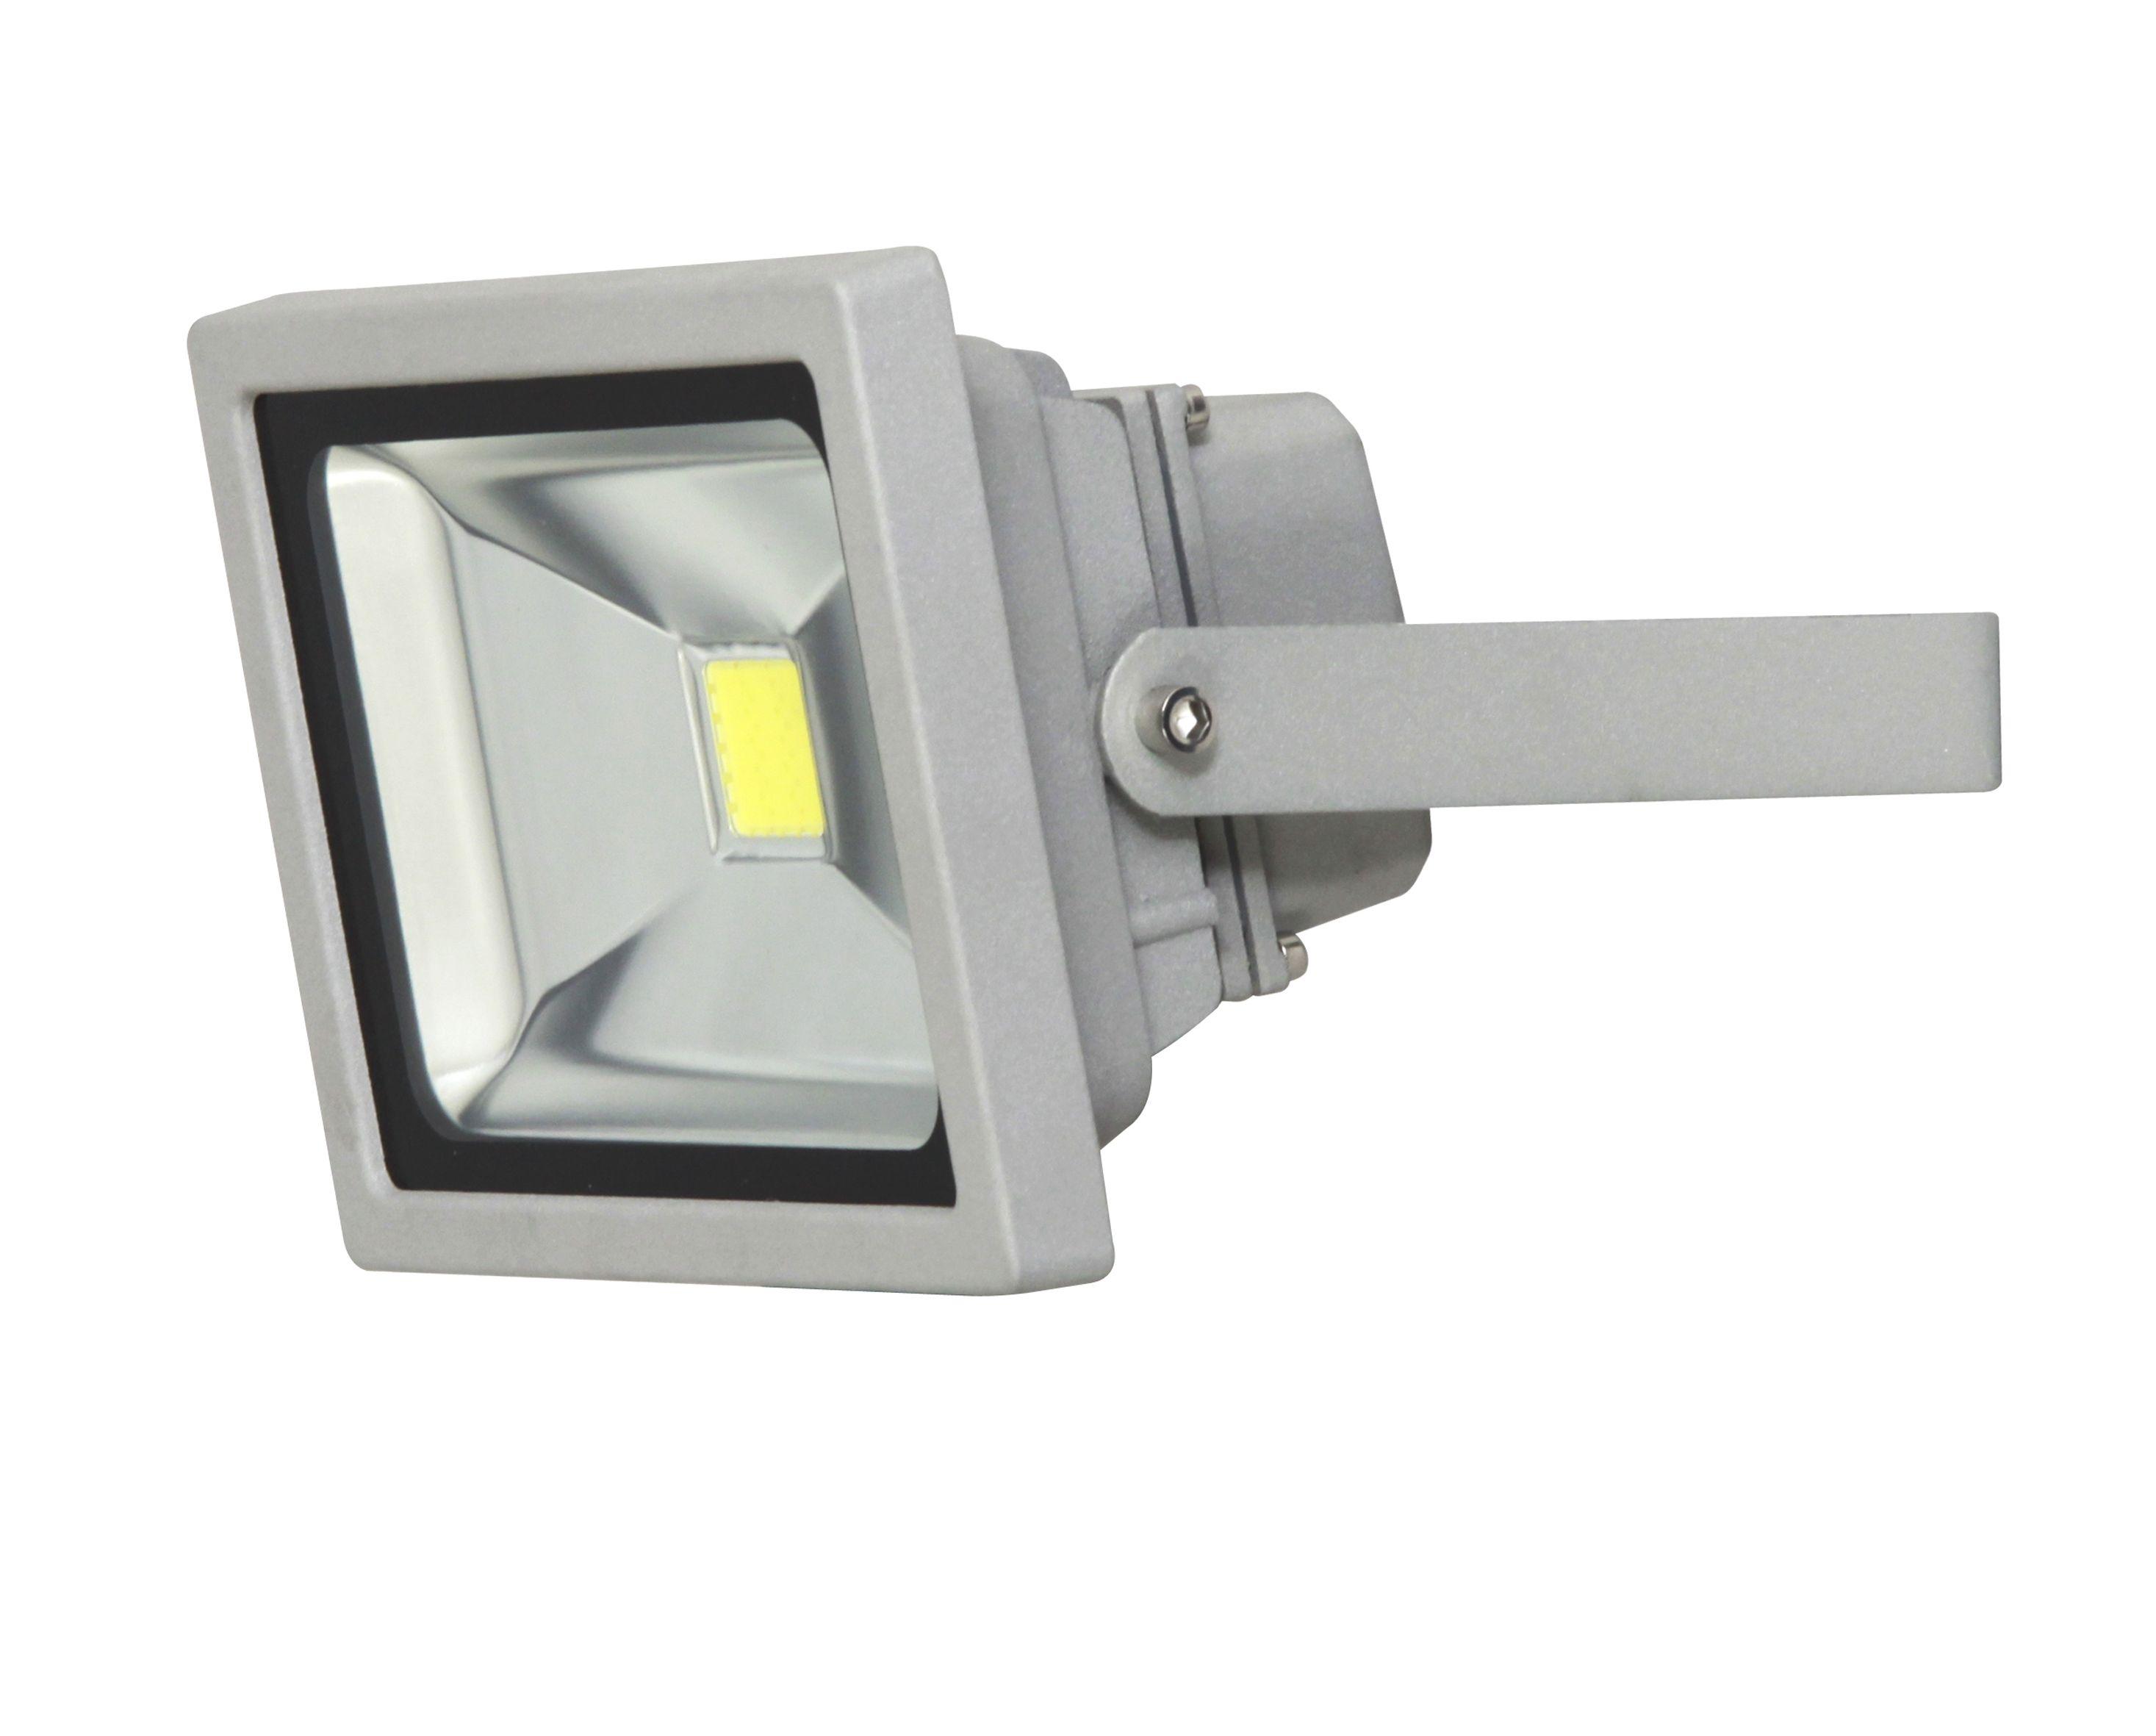 External Flood Light >> XQ-Lite Silver 20W Mains Powered External Pir Security Flood Light | Departments | DIY at B&Q